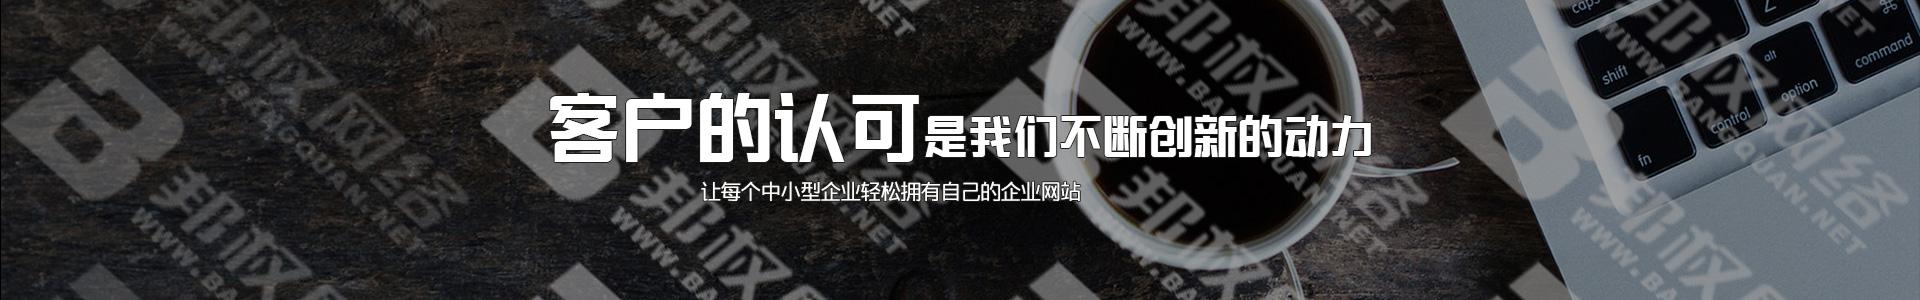 上海SEO新闻动态